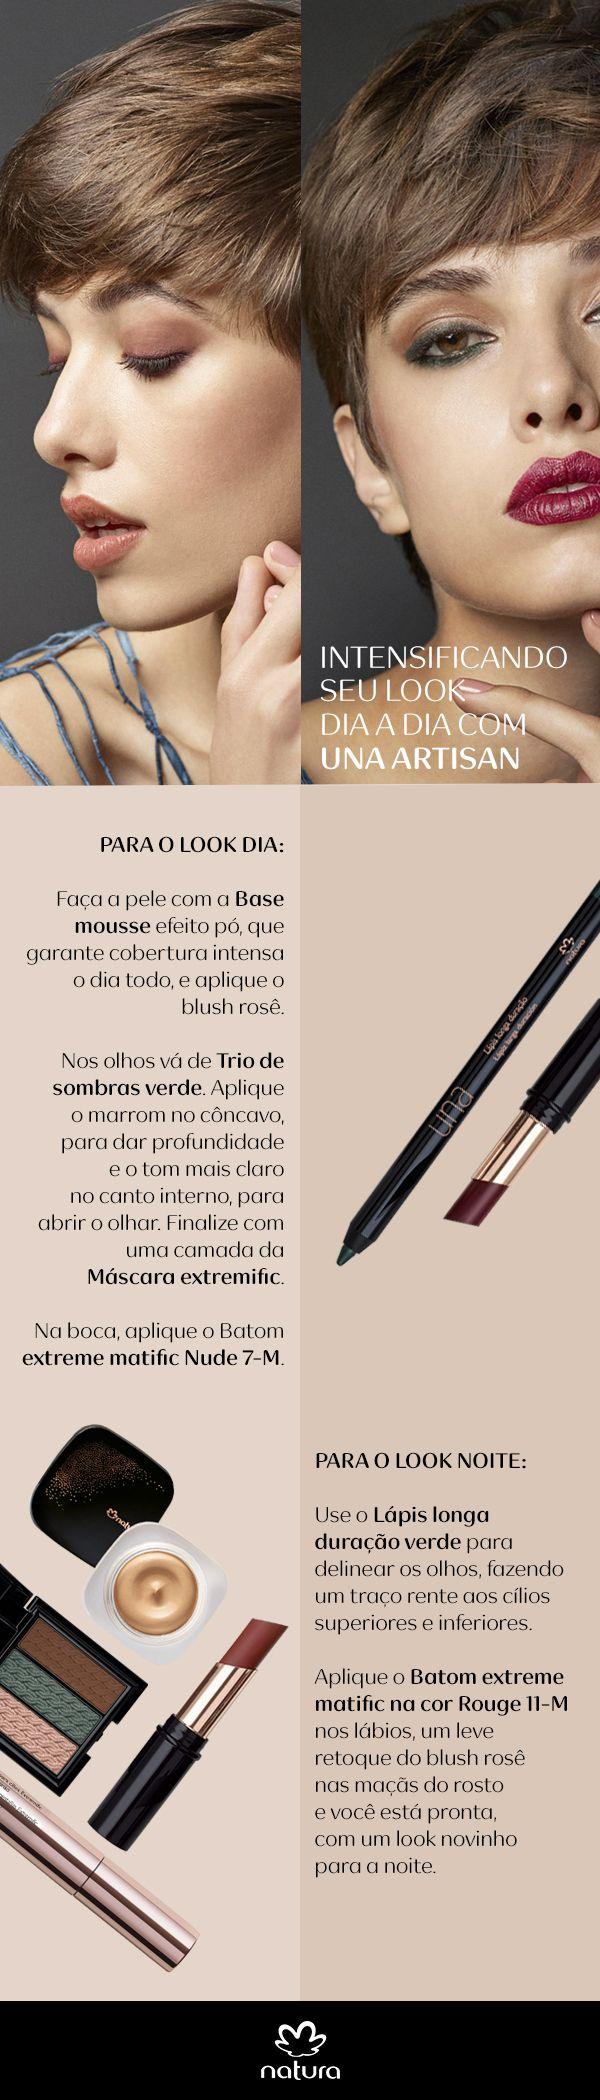 Transforme sua Beleza e fortaleça sua autoestima. Aproveite o melhor da maquiagem. rede.natura.net/espaco/Essencial